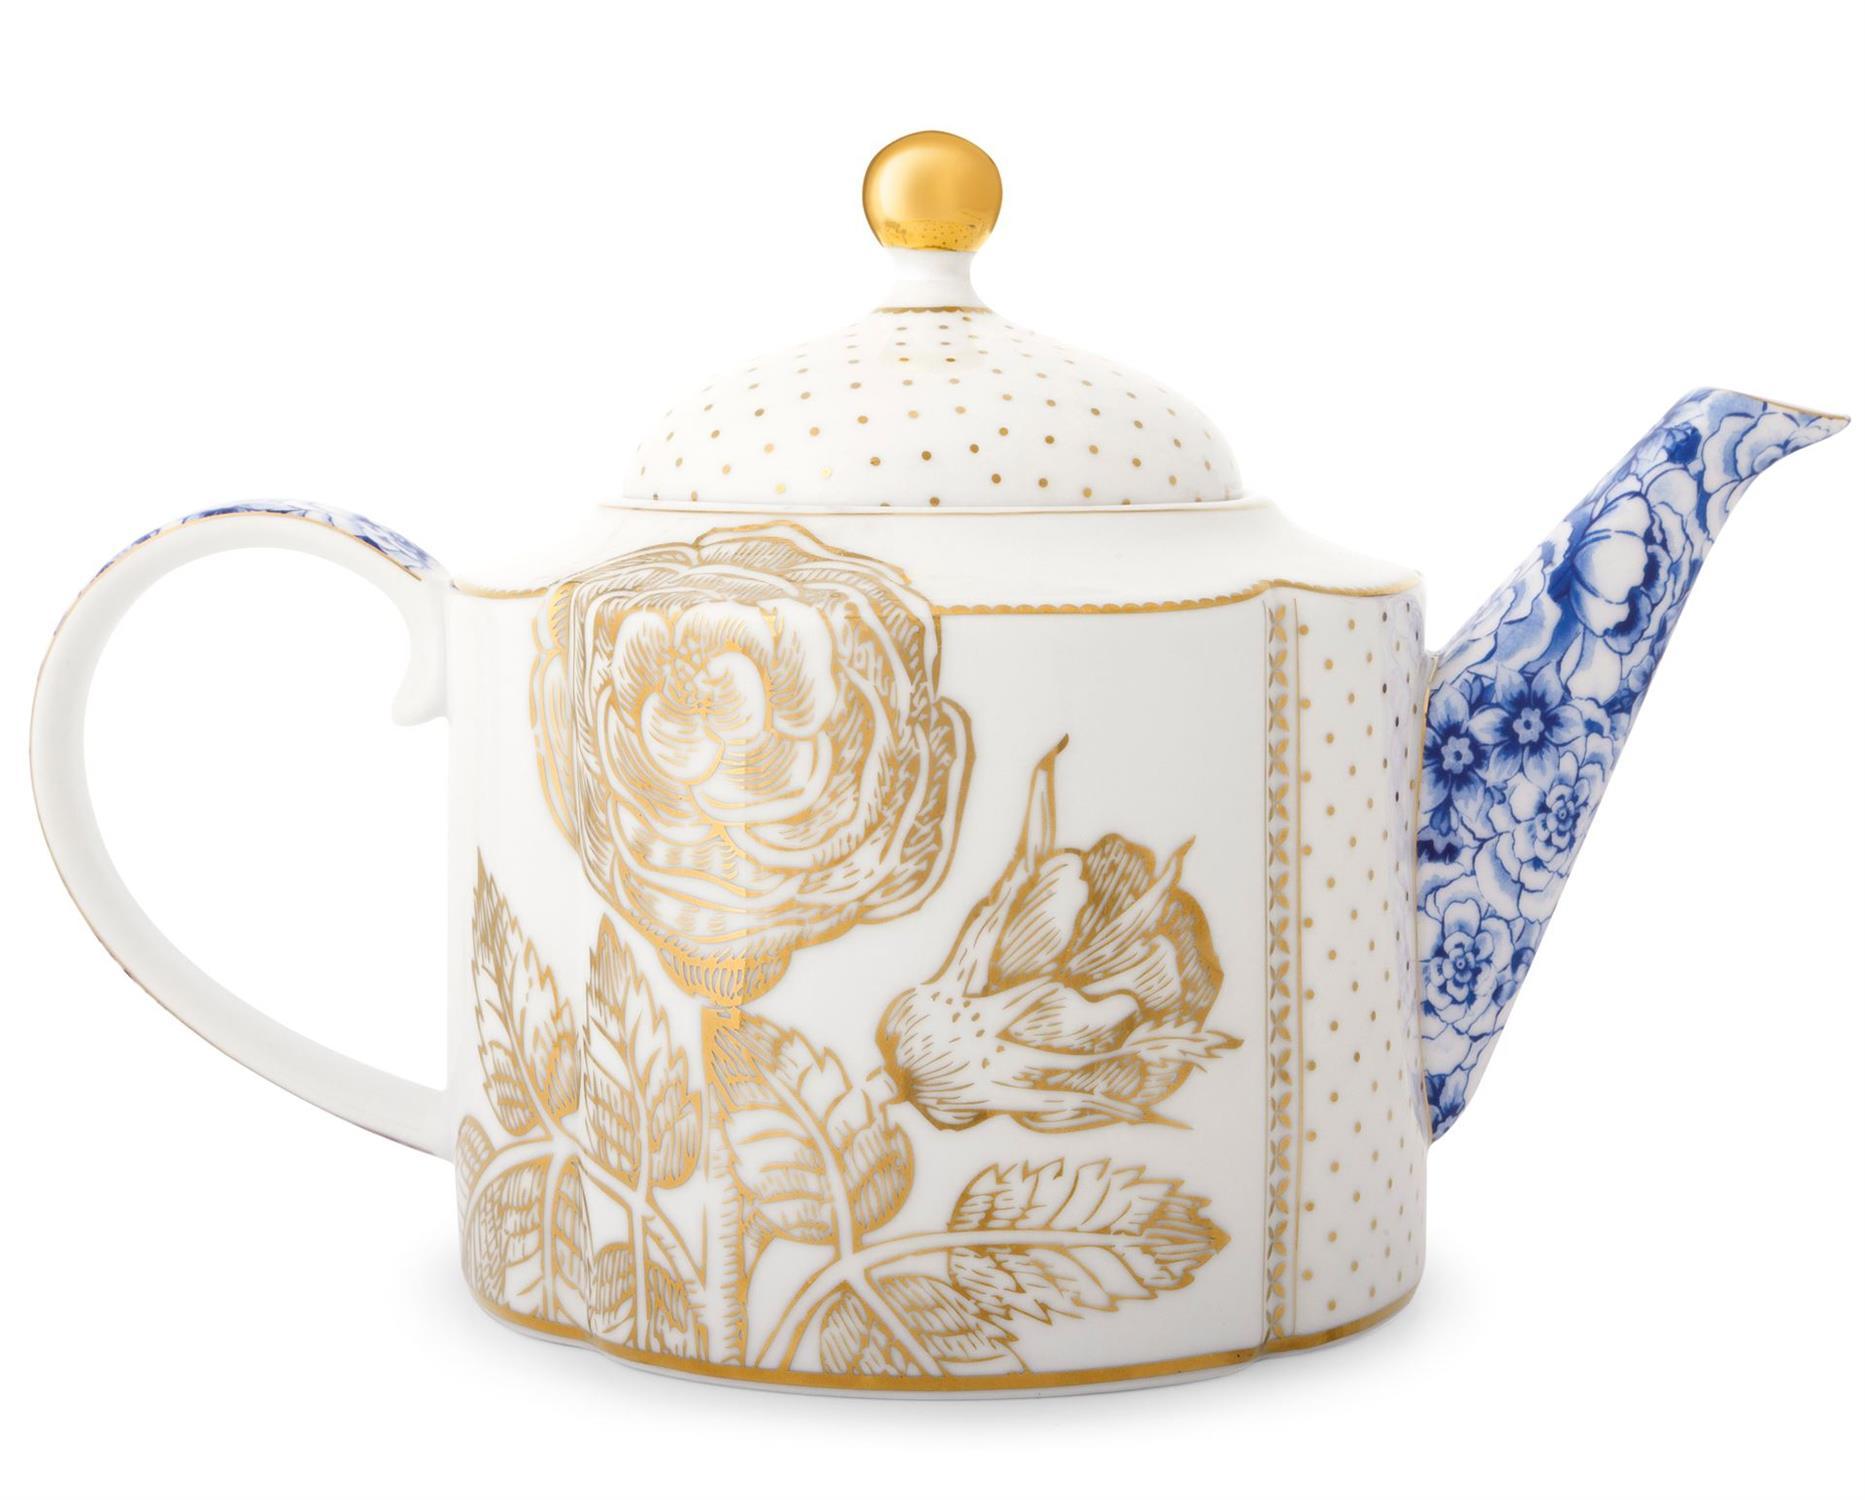 Τσαγιέρα Royal White 1650ml πορσελάνινη λευκή/χρυσή/μπλε Pip Studio 51005021